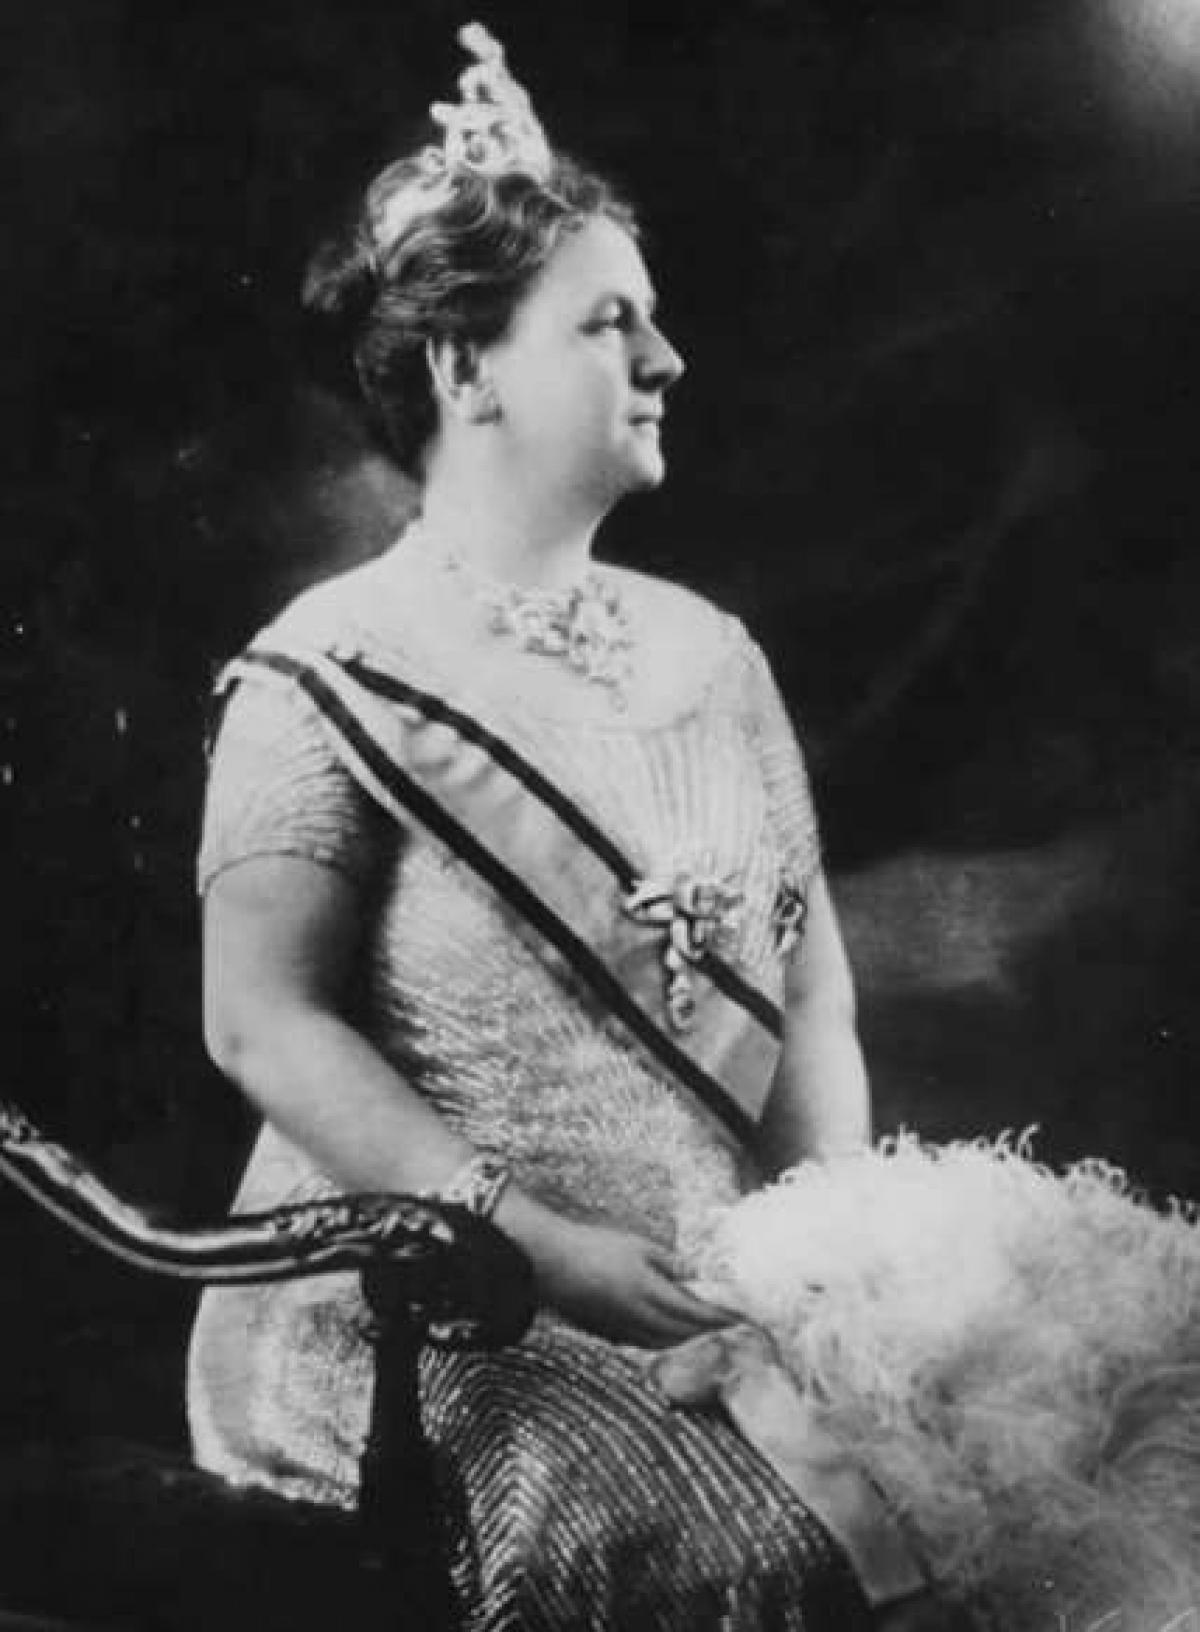 Nữ hoàng Wilhelmina I của Hà Lan. Wilhelmina trở thành hoàng hậu năm 10 tuổi, sau cái chết của cha bà. Mẹ bà giữ vai trò hoàng hậu nhiếp chính cho đến khi bà bước sang tuổi 18. Năm 1948, Wilhelmina I thoái vị ngai vàng để con gái của bà, Juliana, có thể cai trị. Thời gian trị vì của Nữ hoàng Wilhelmina kéo dài 57 năm.